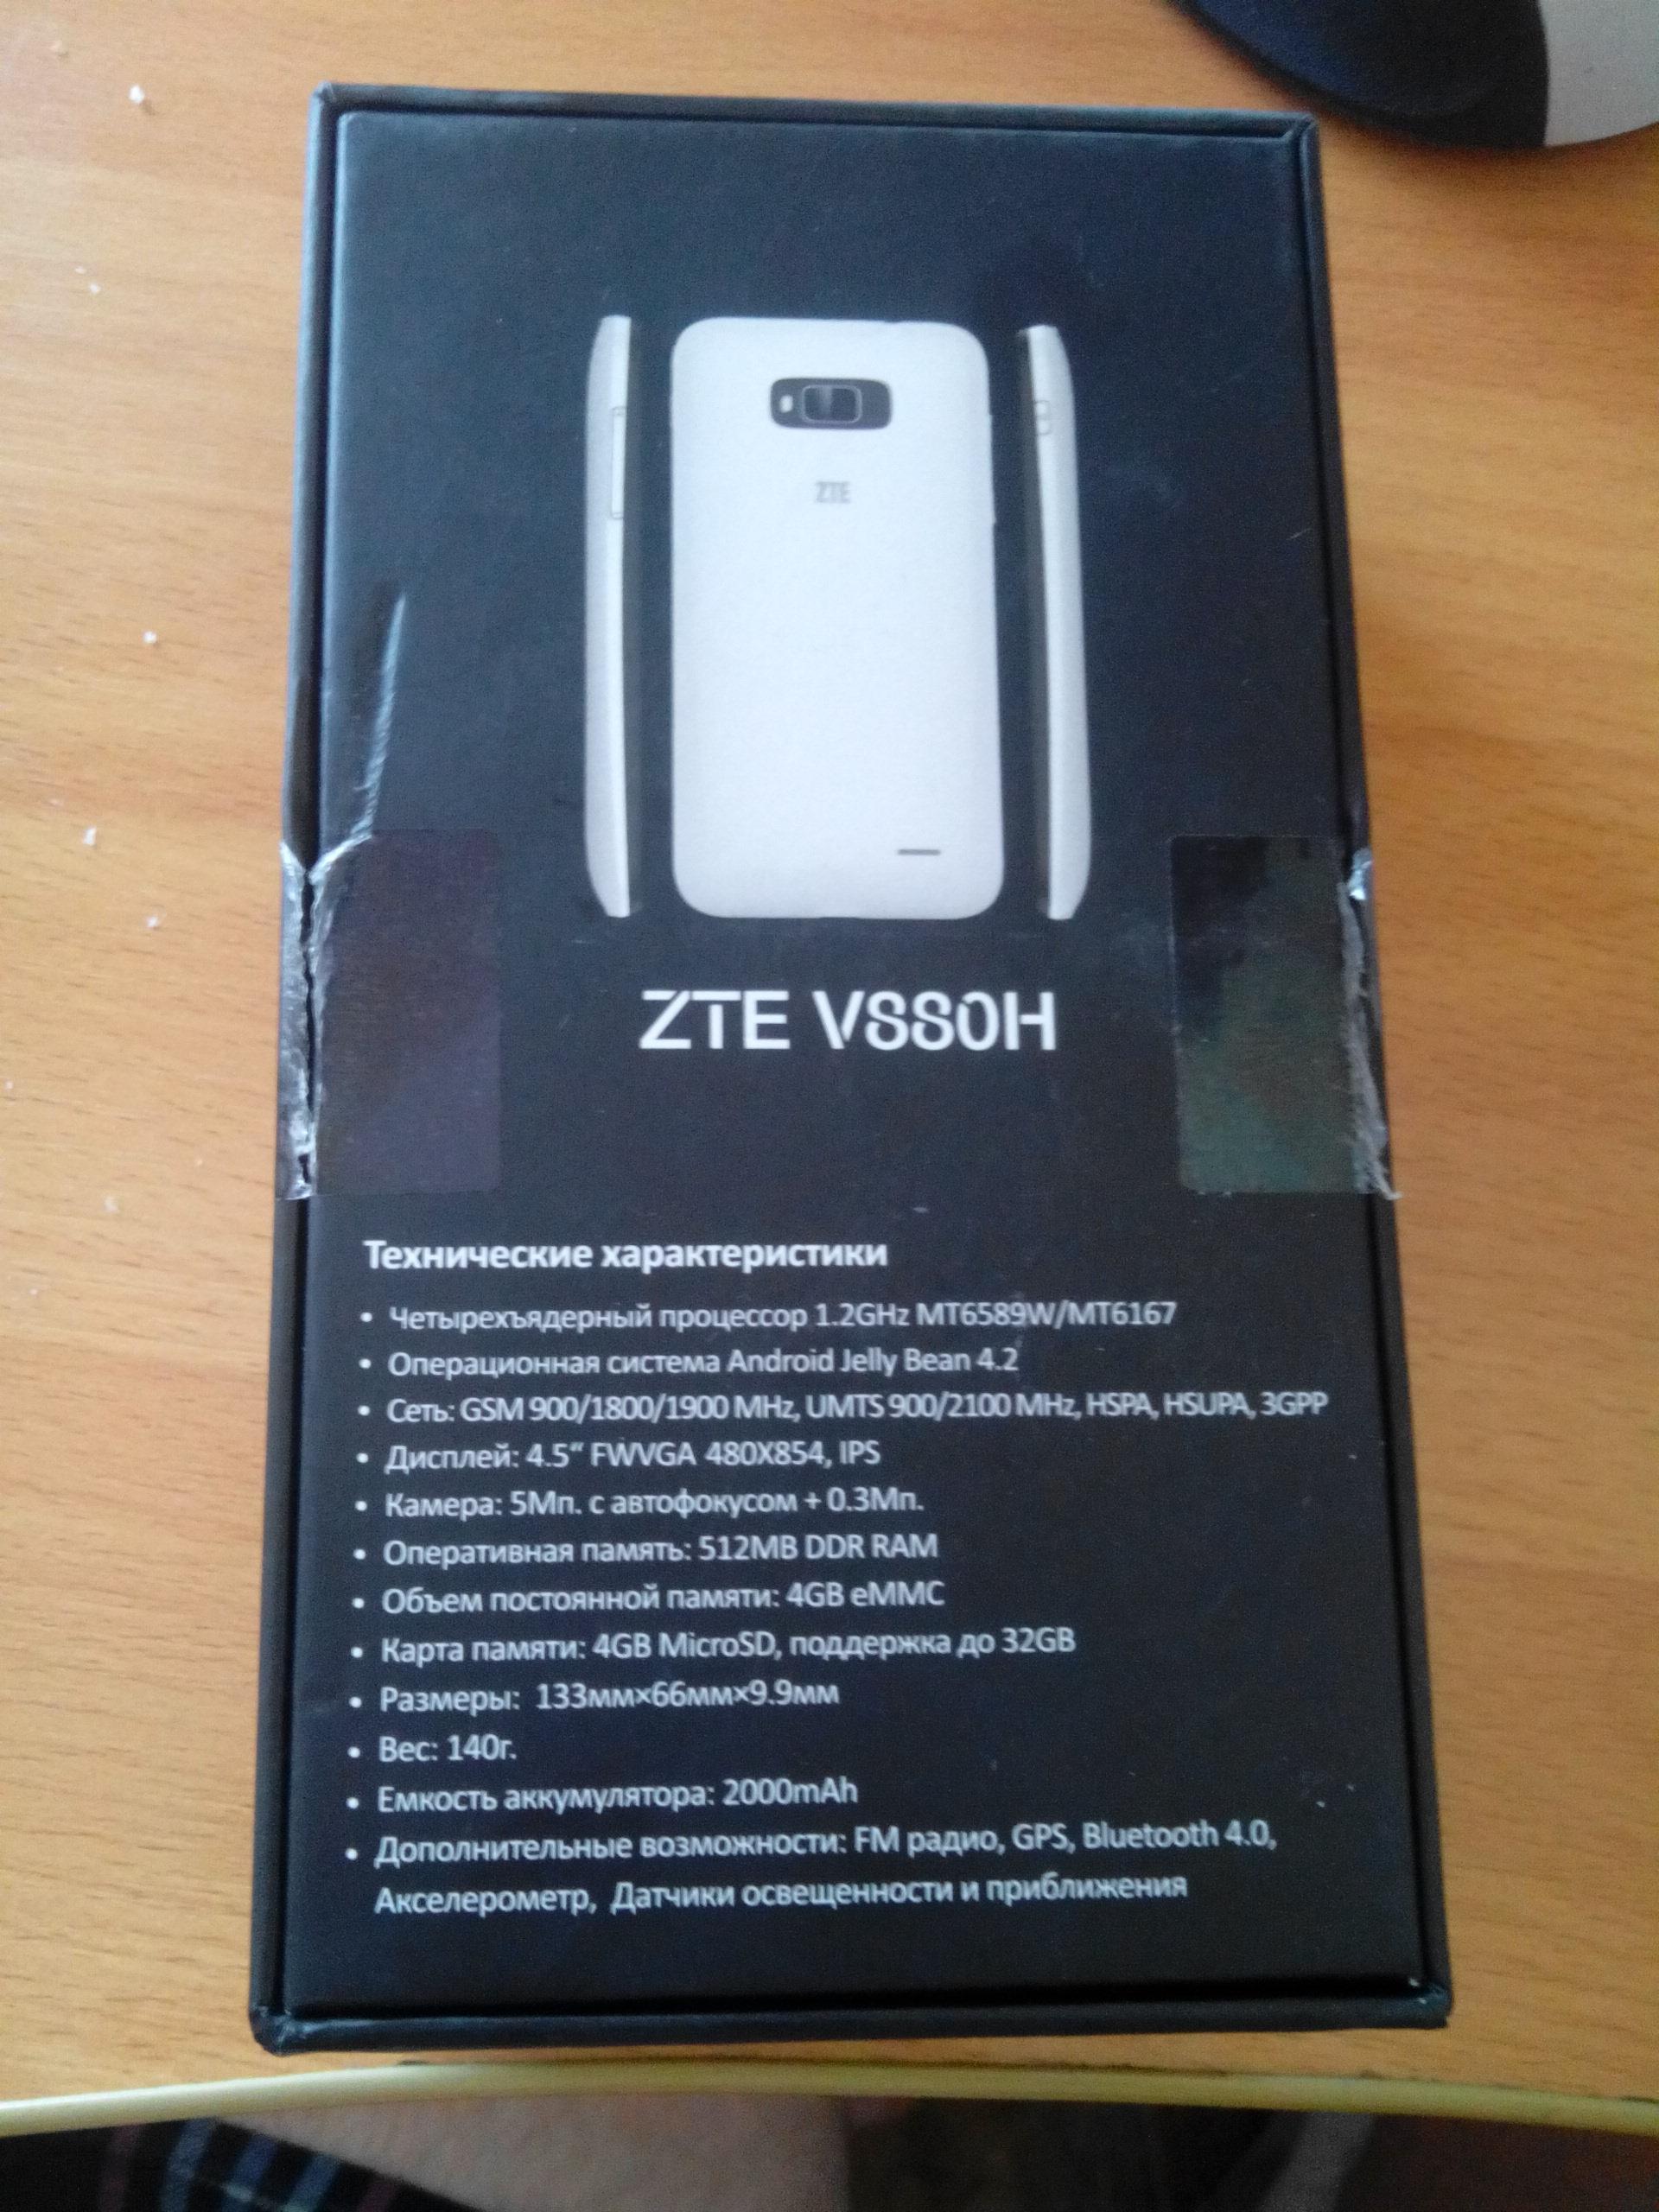 инструкция пользователя zte v880e на английском языке